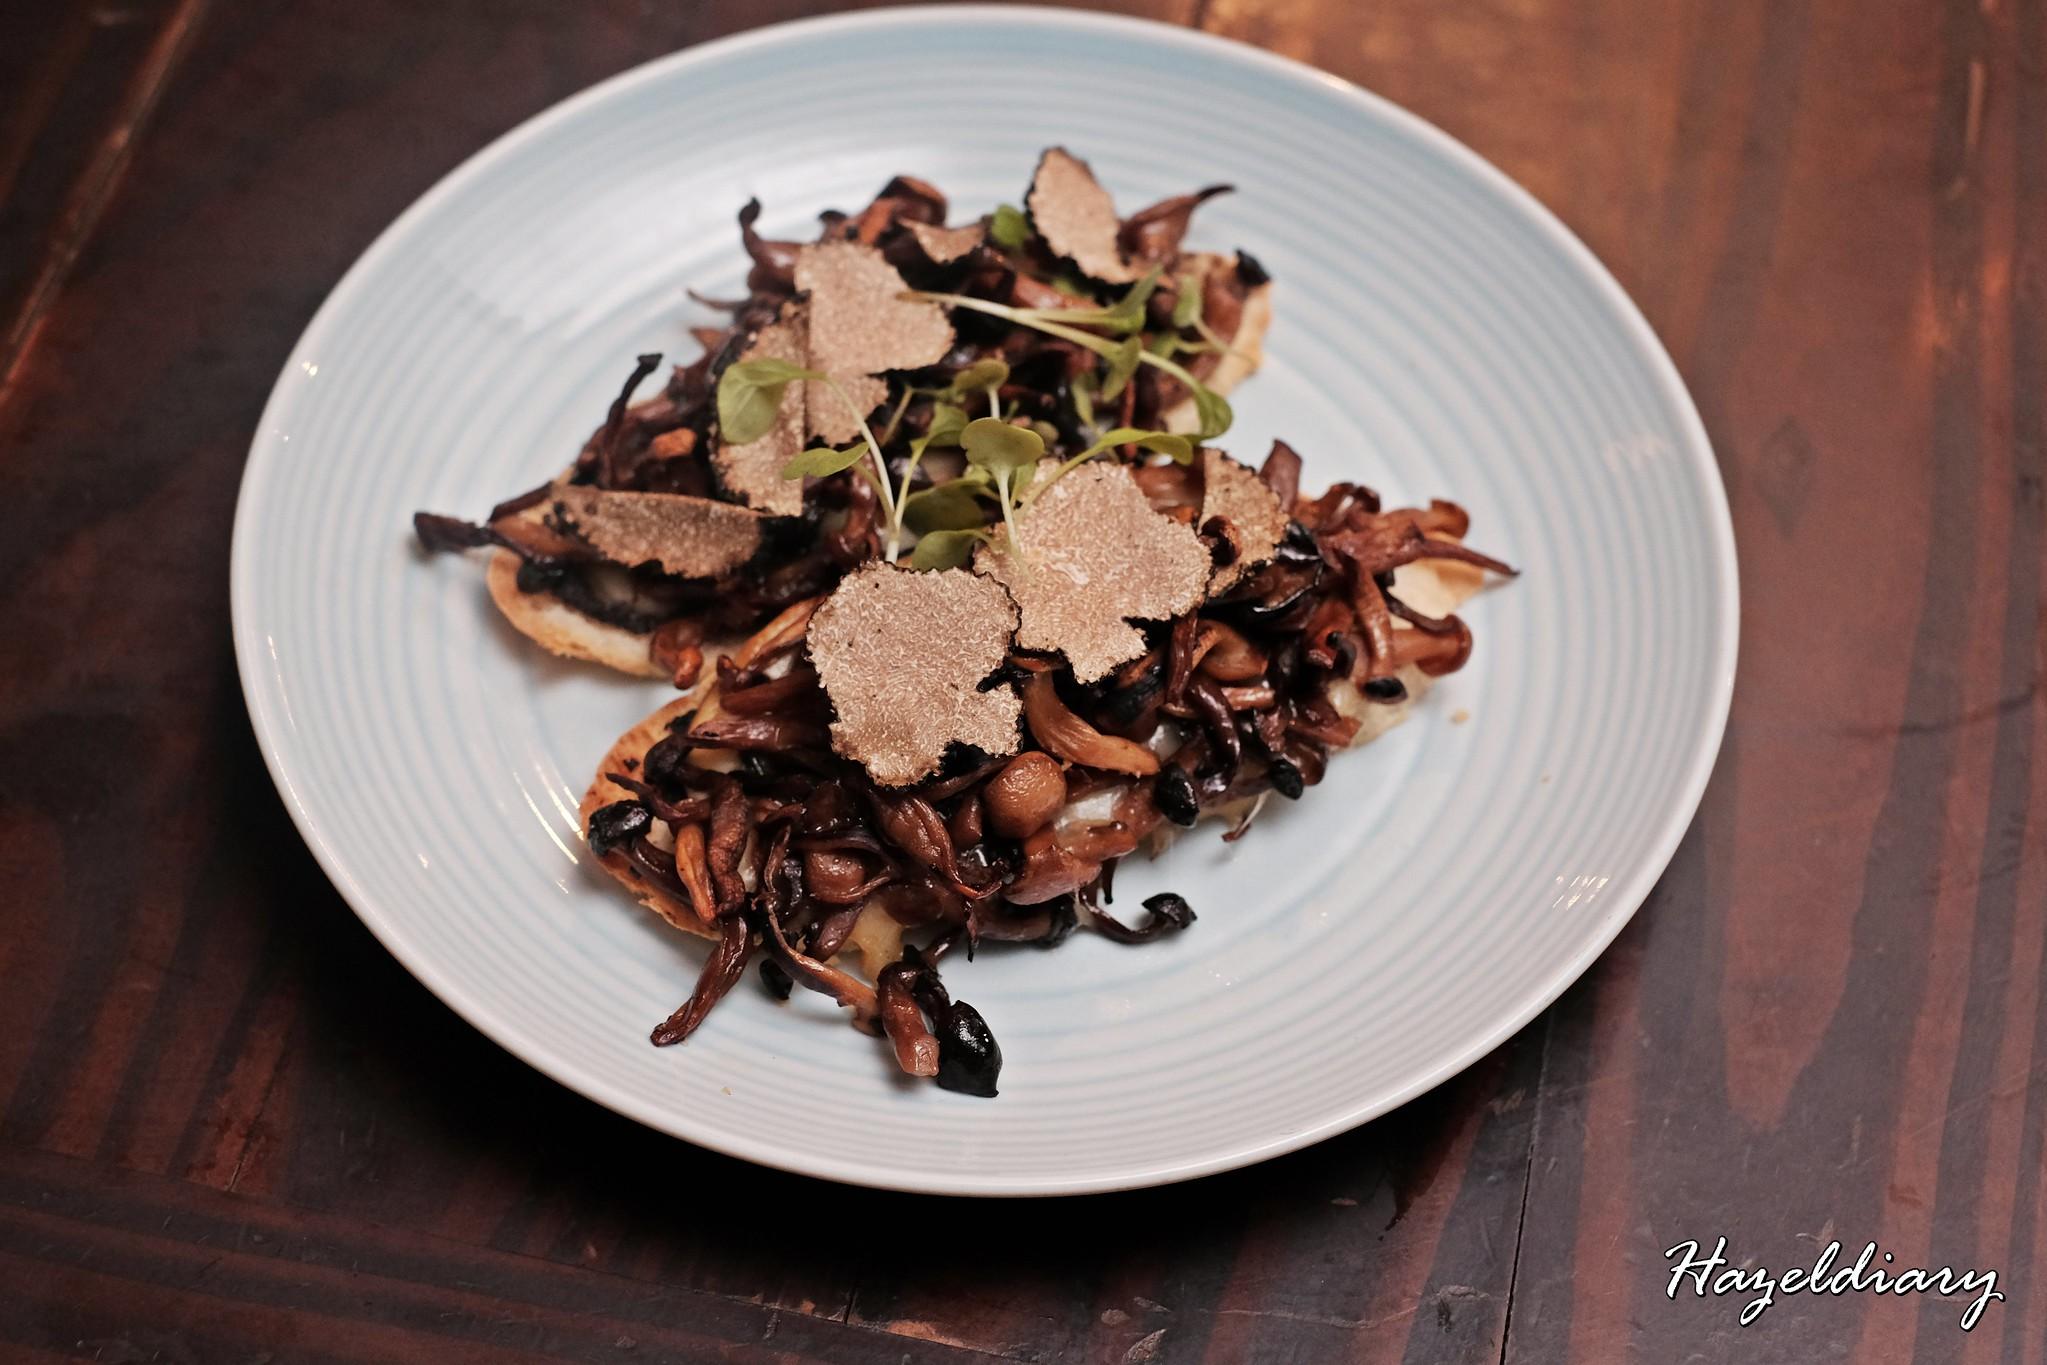 SONS-Mushroom & Truffle Bruschetta